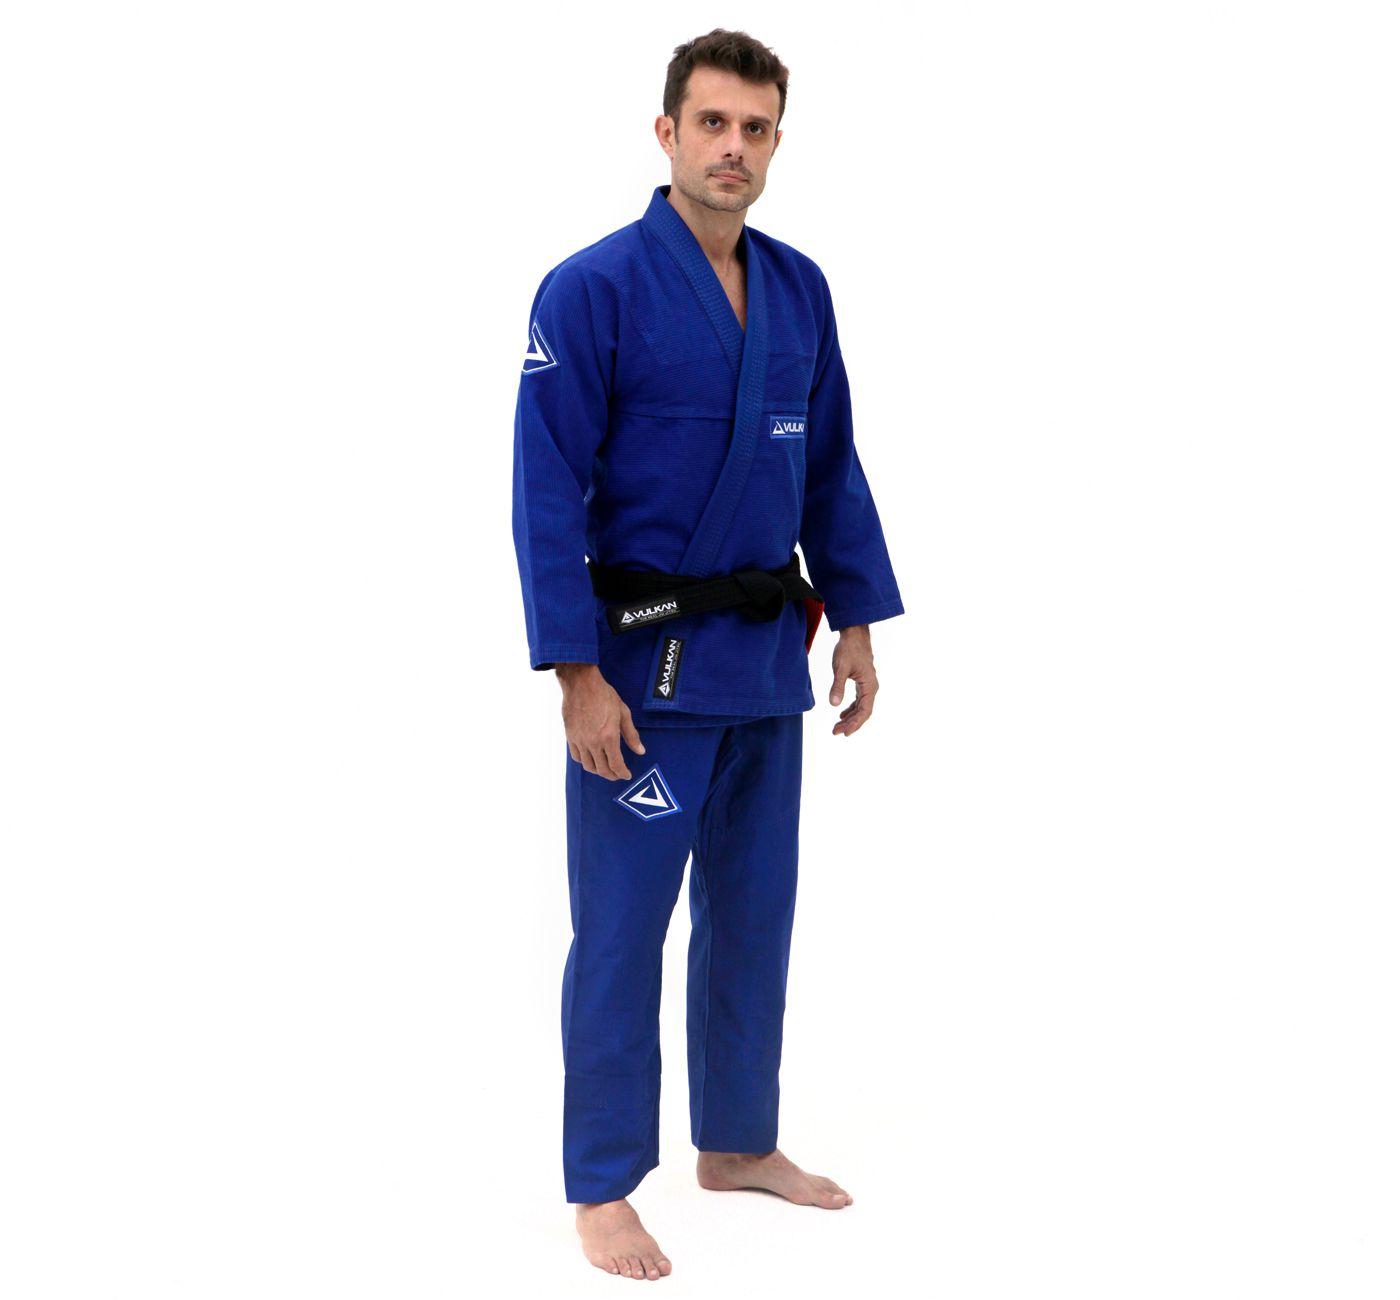 Kimono Vulkan Para Jiu-Jitsu Profissional Adulto - Pro Evolution Azul Royal Masculino